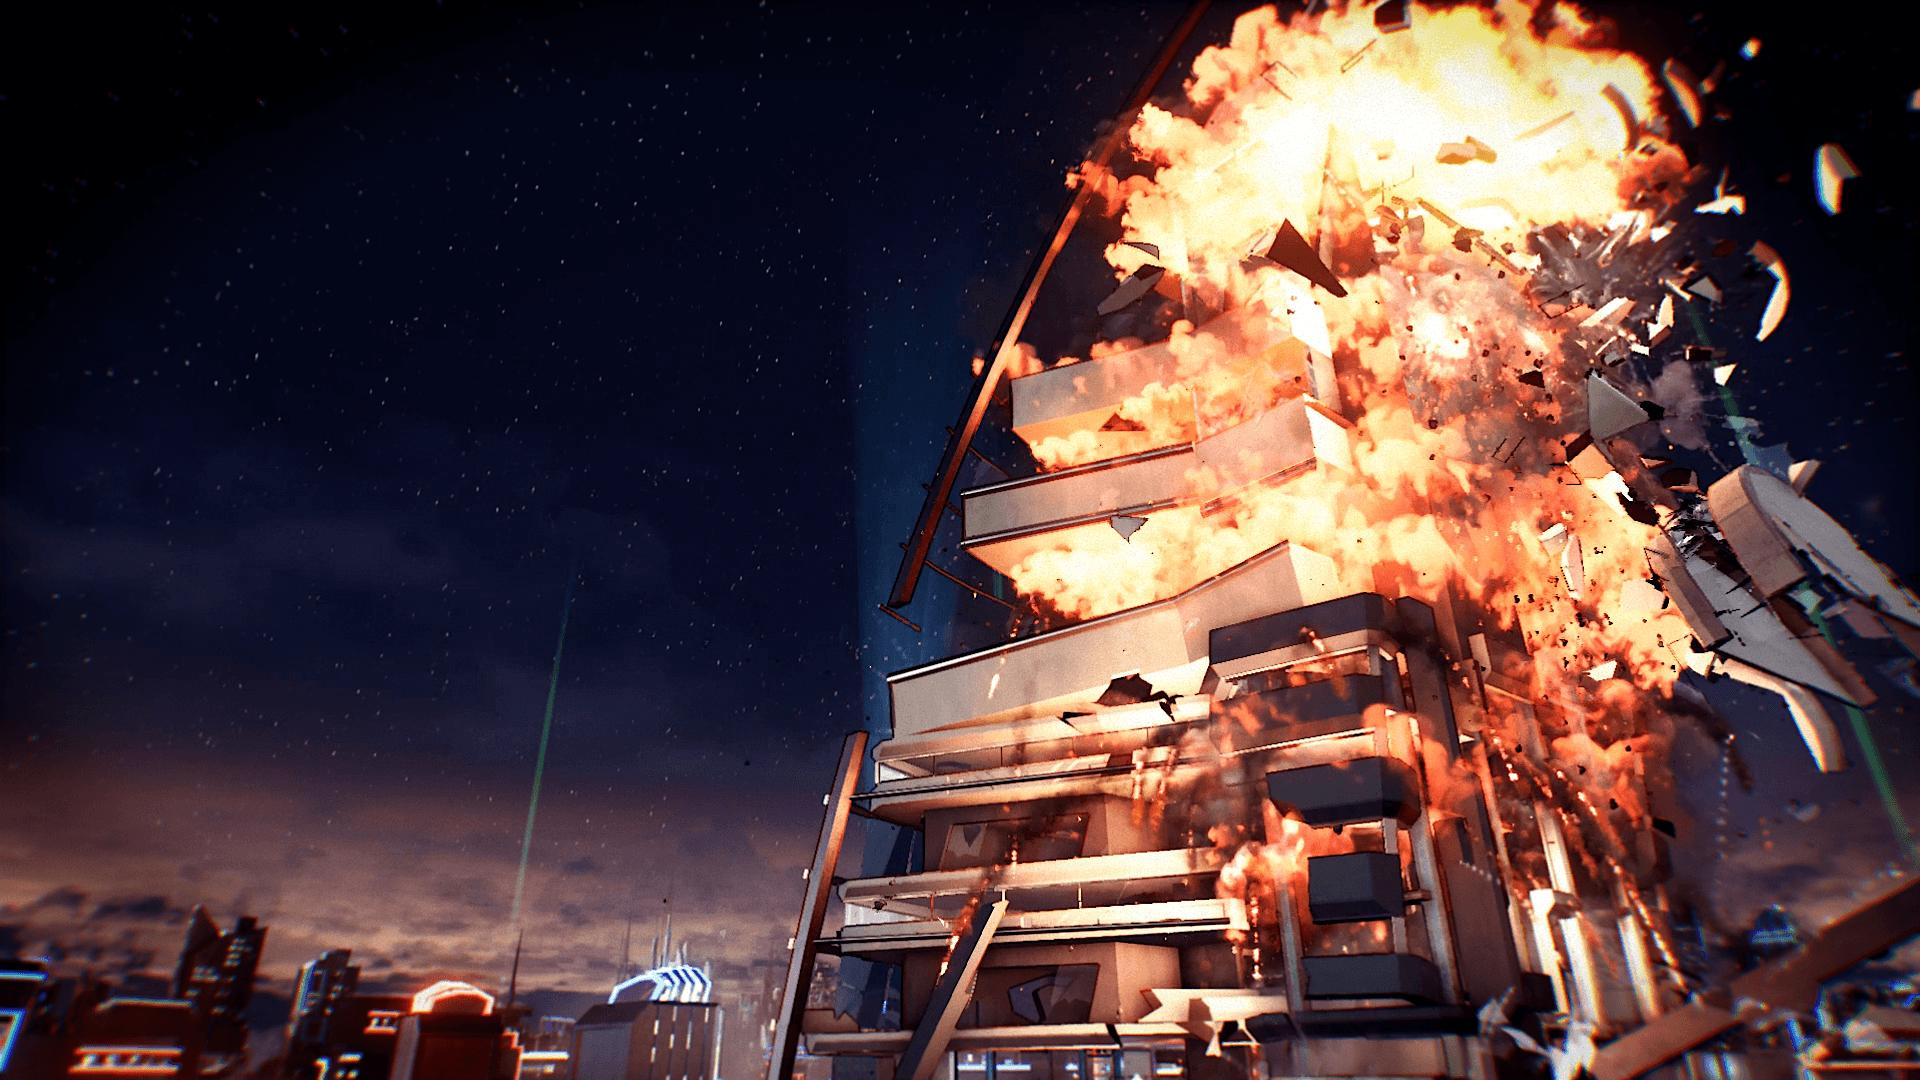 crackdown-3-gamescom-2015-050815